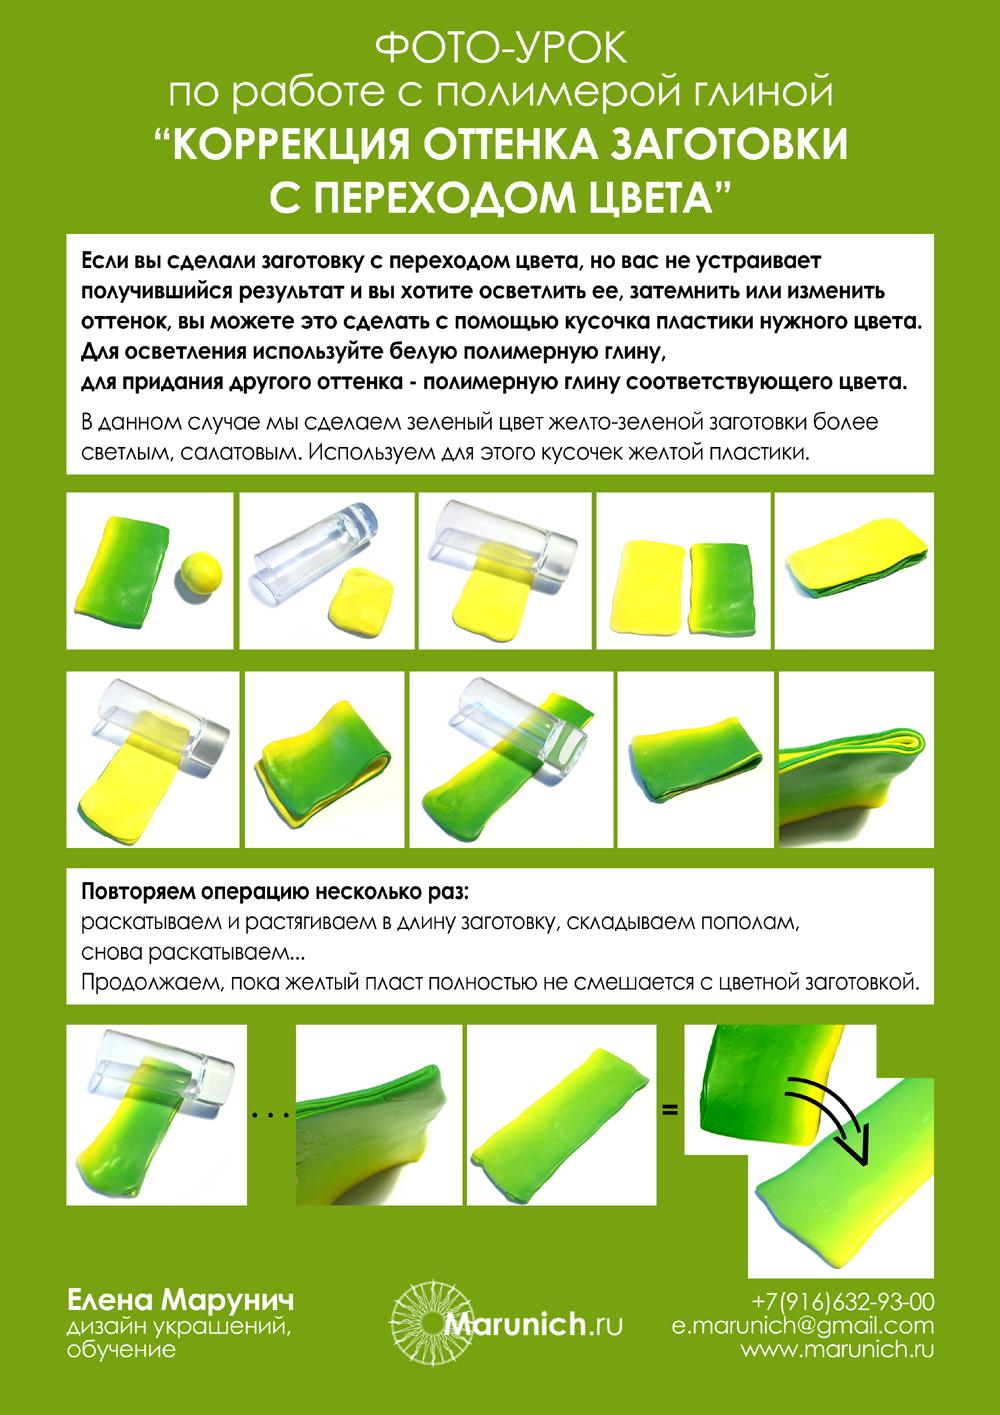 полимерная глина уроки для начинающих, полимерная глина для начинающих, полимерная глина мастер-класс, мастер-класс по полимерно